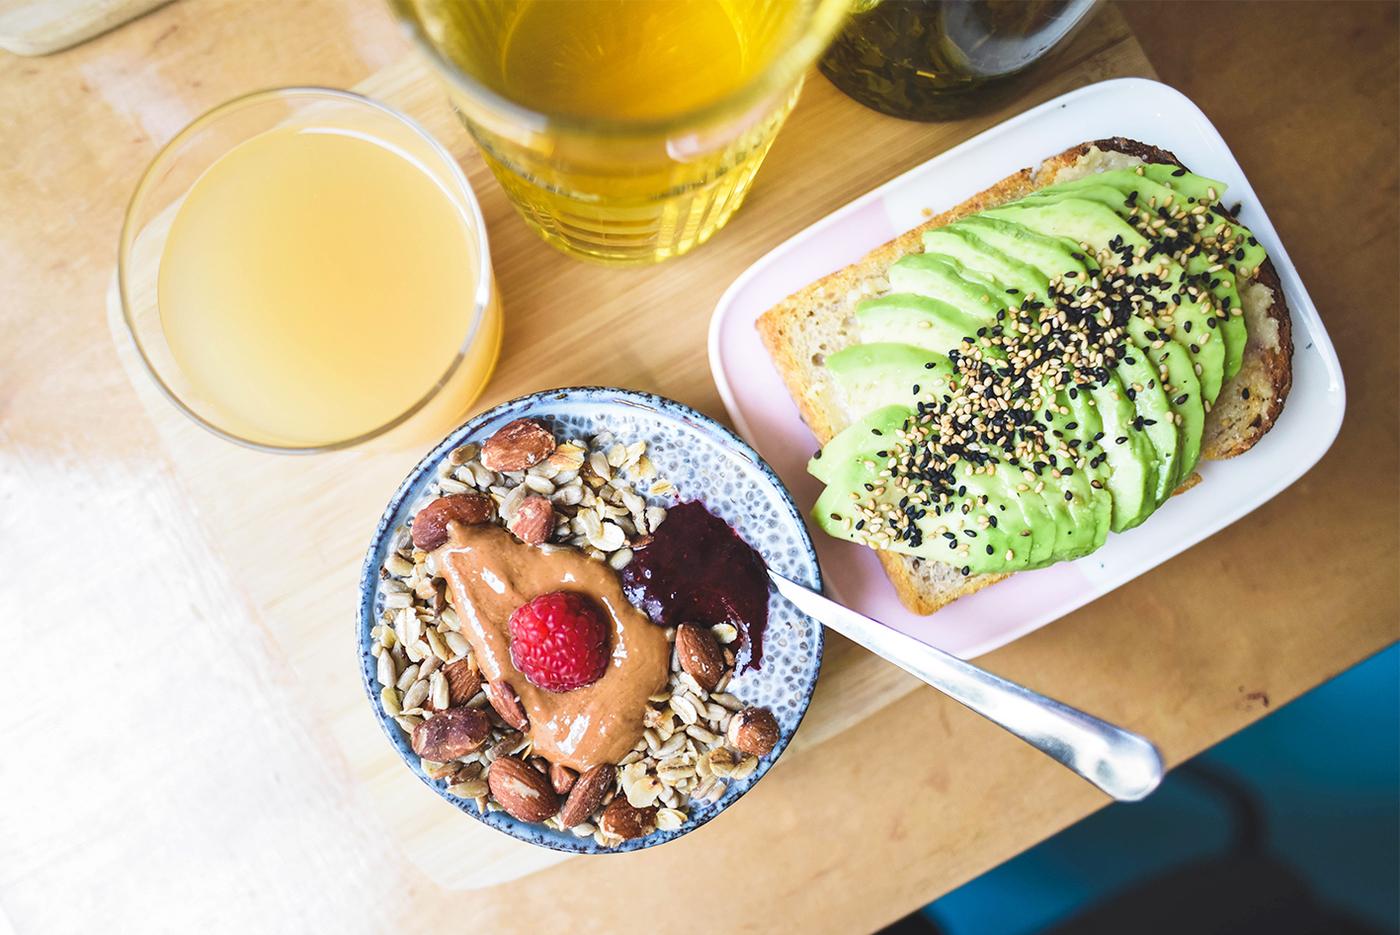 kuumahelsinki-kahvila-aamiainen-naistenpaiva-sundayblondie-3.jpg